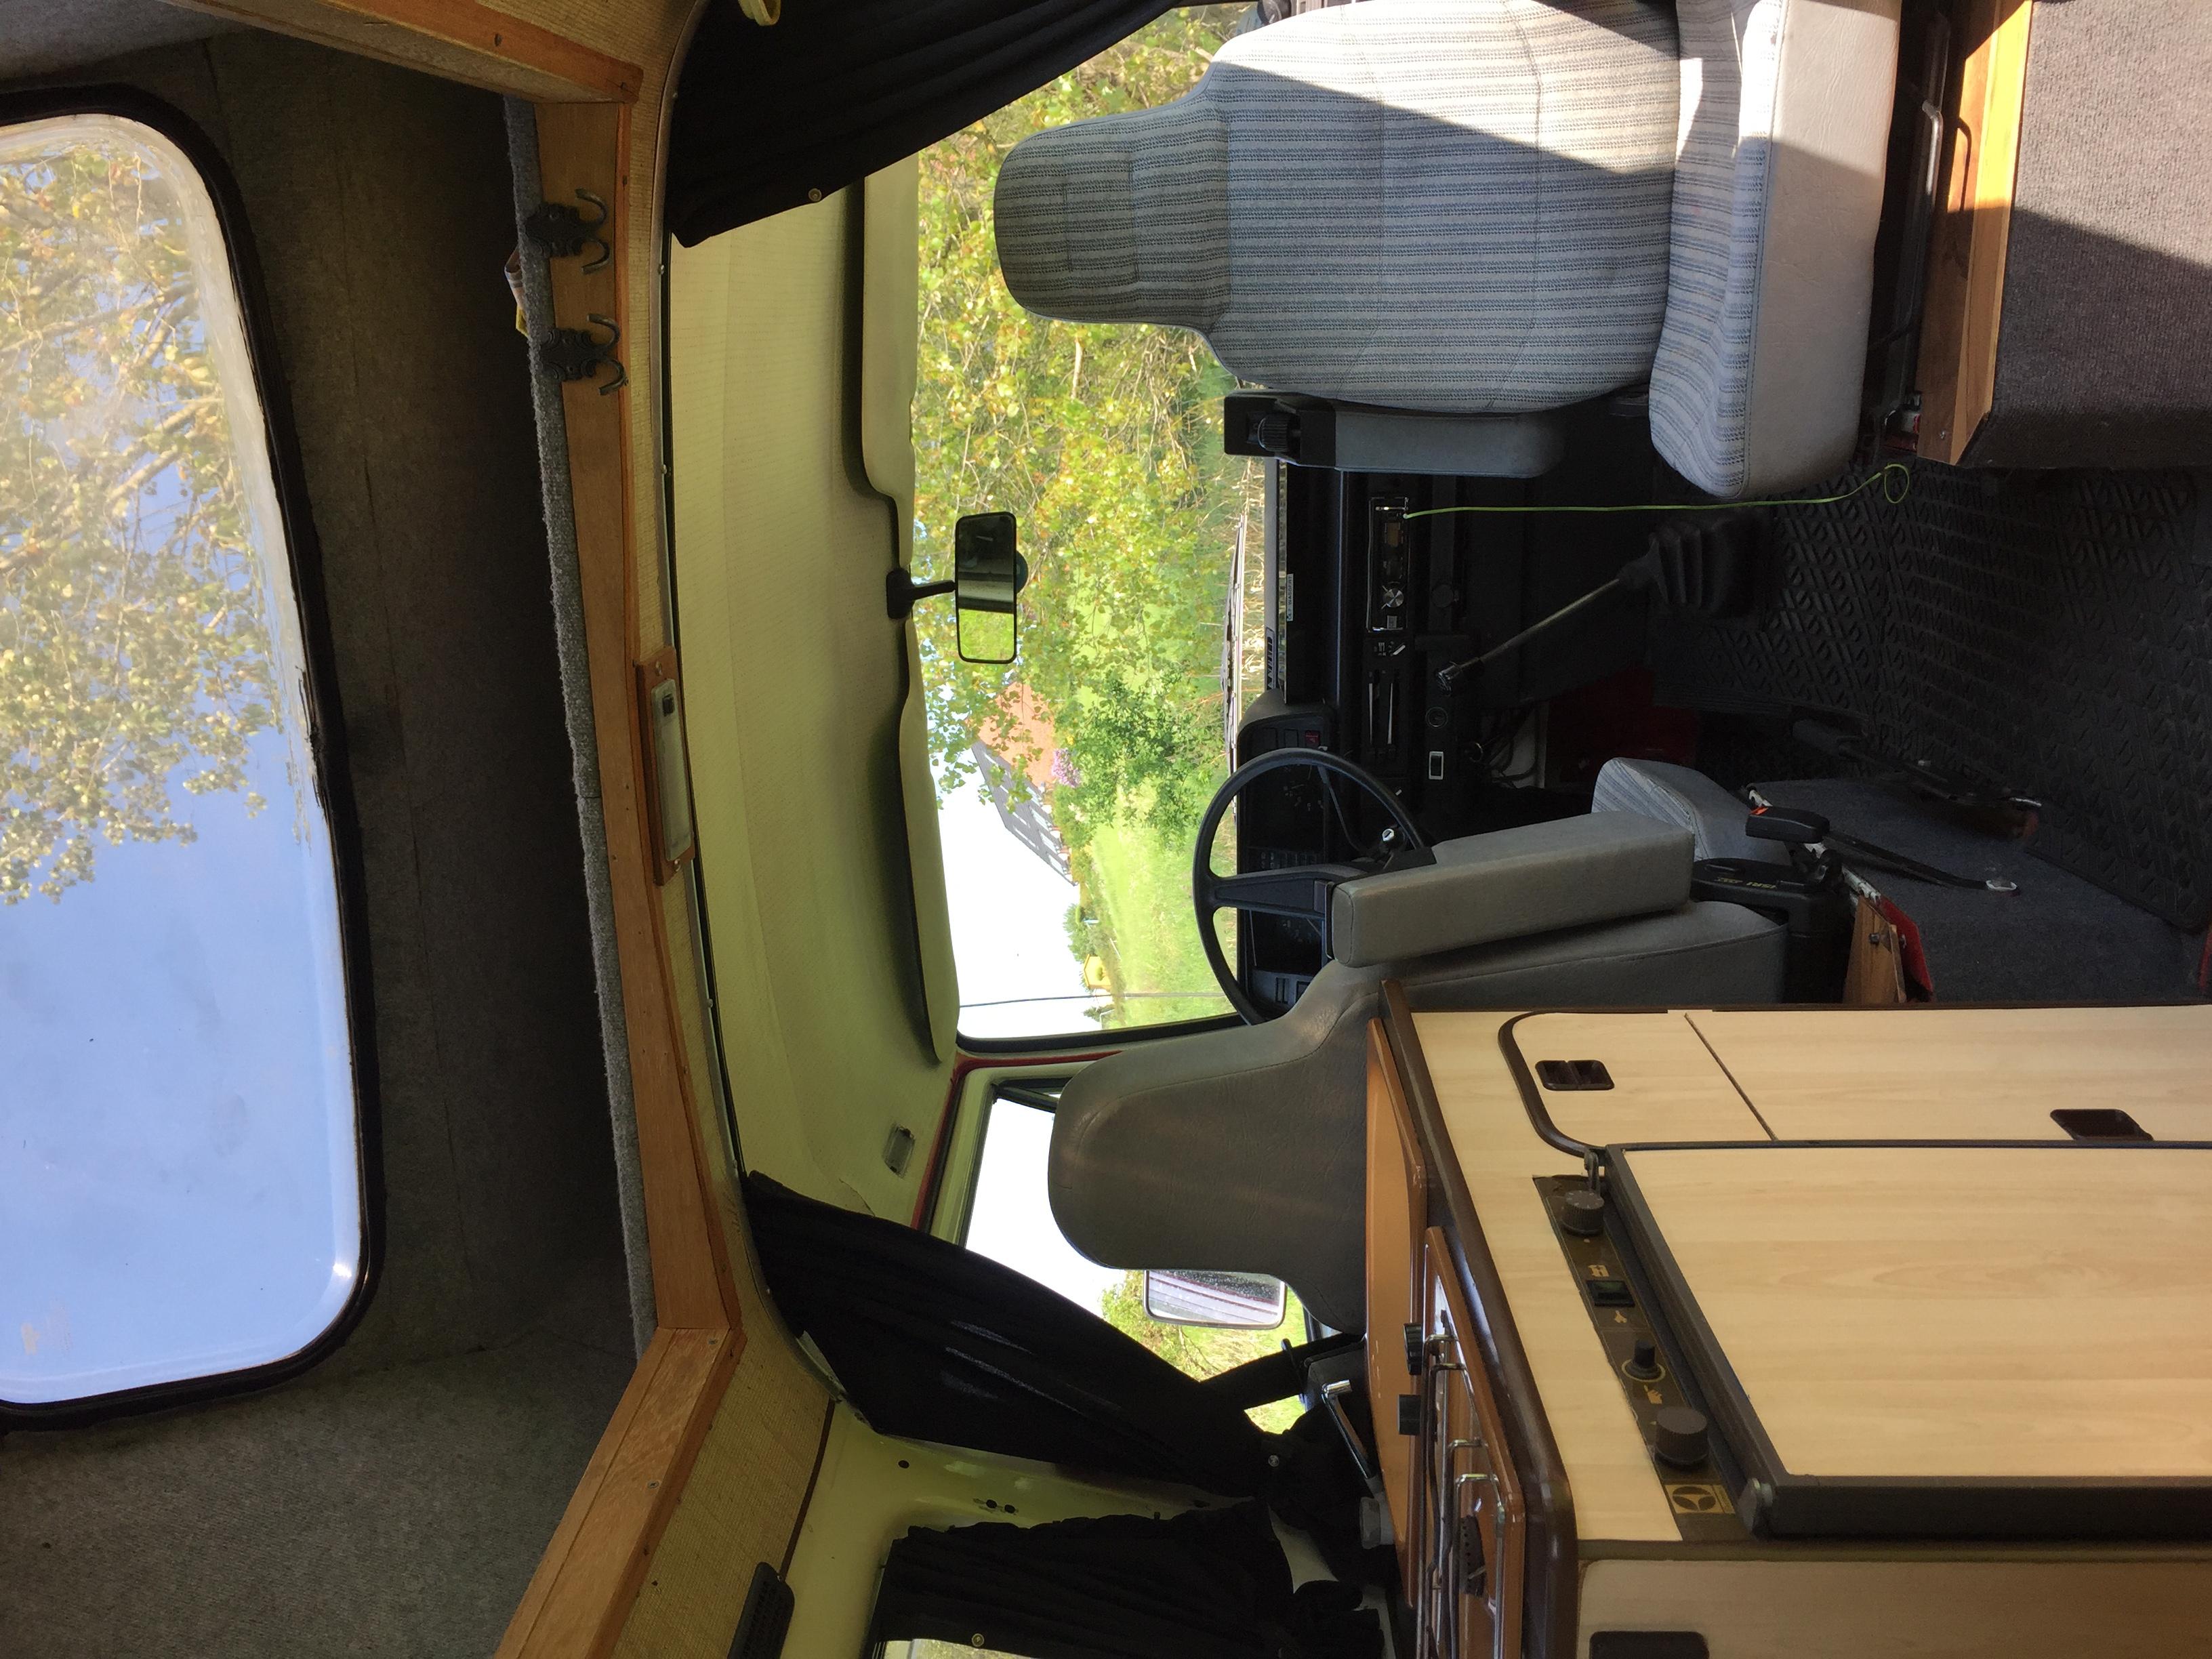 VW-T3-camper-mieten-rostock-urlaub-ostsee-schweden-norwegen-3